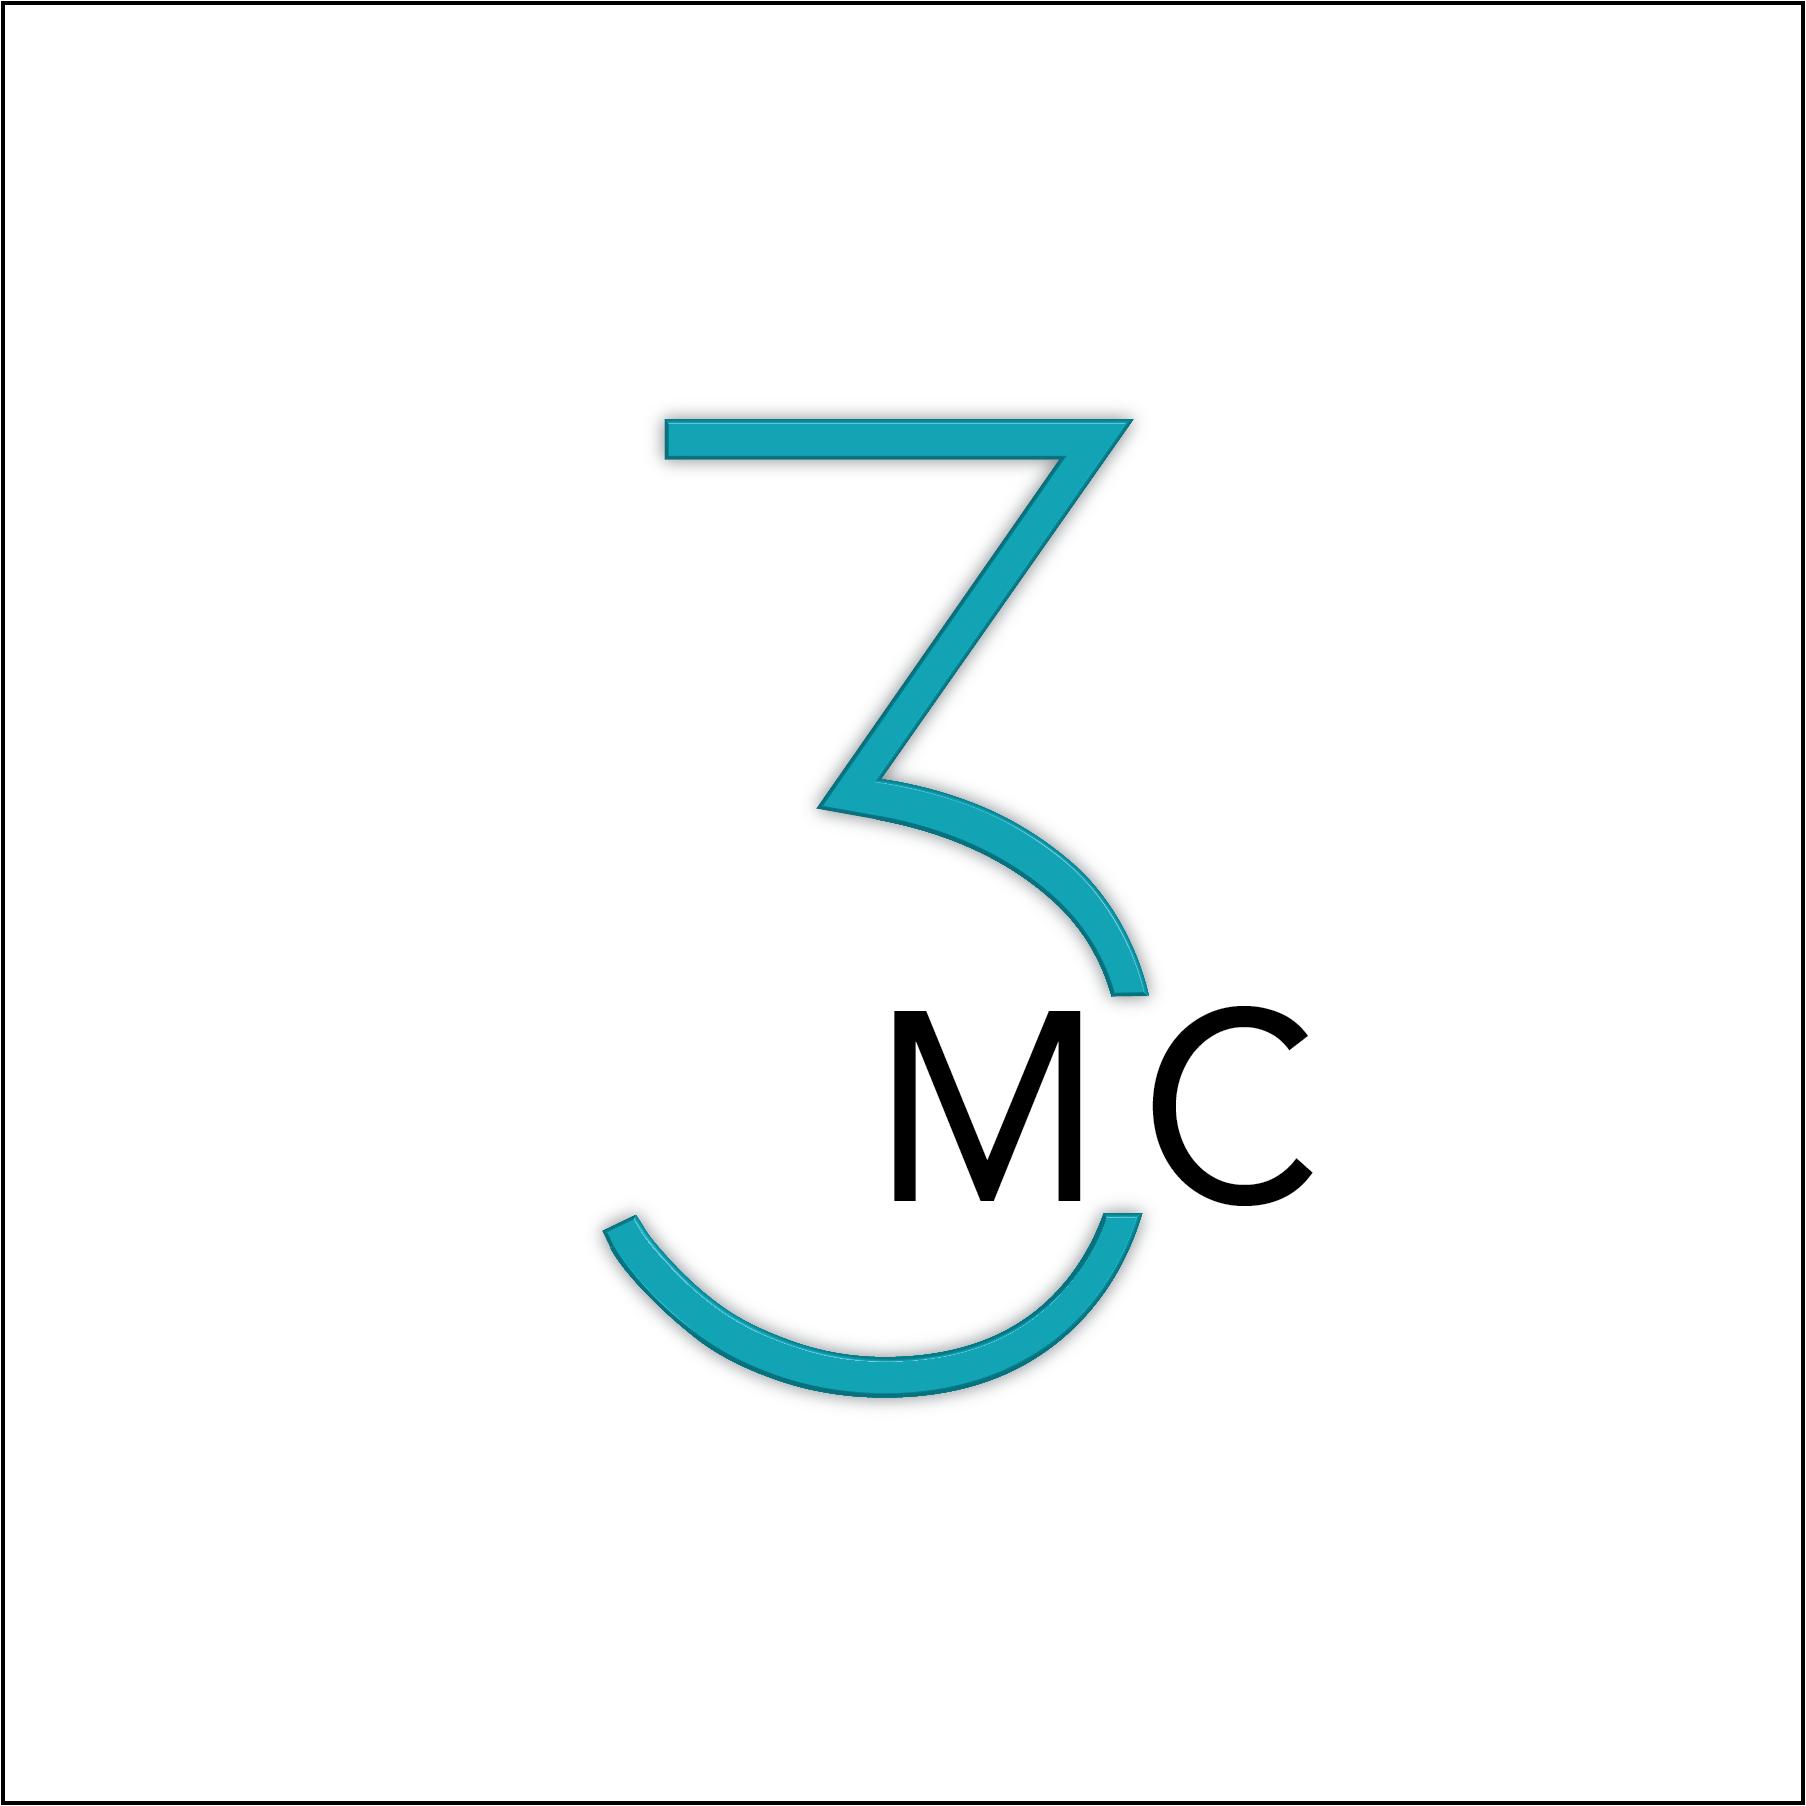 3mclrg.png